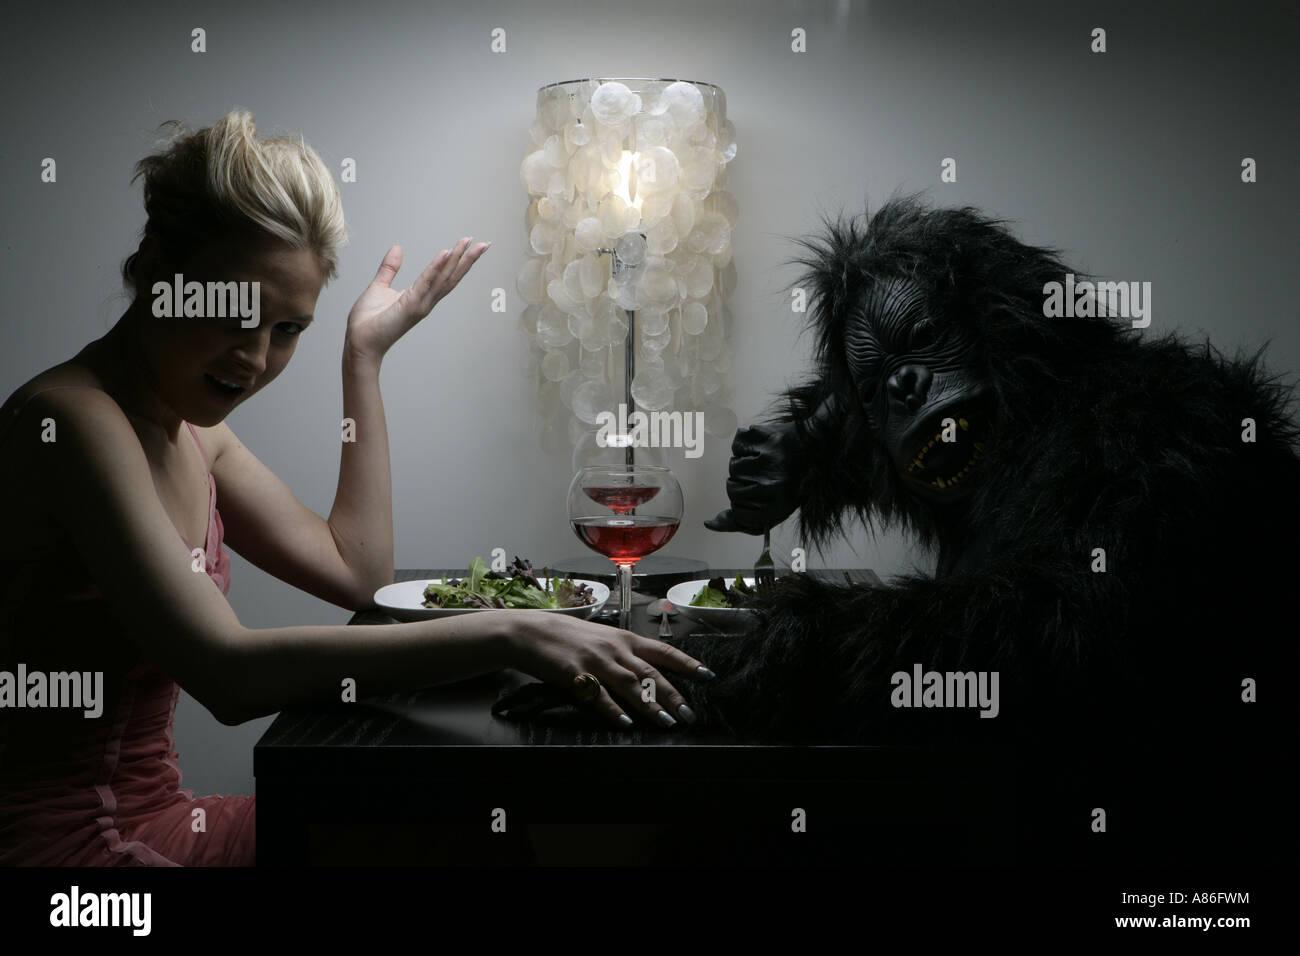 Una mujer es cenar con un hombre en traje de gorila. Foto de stock